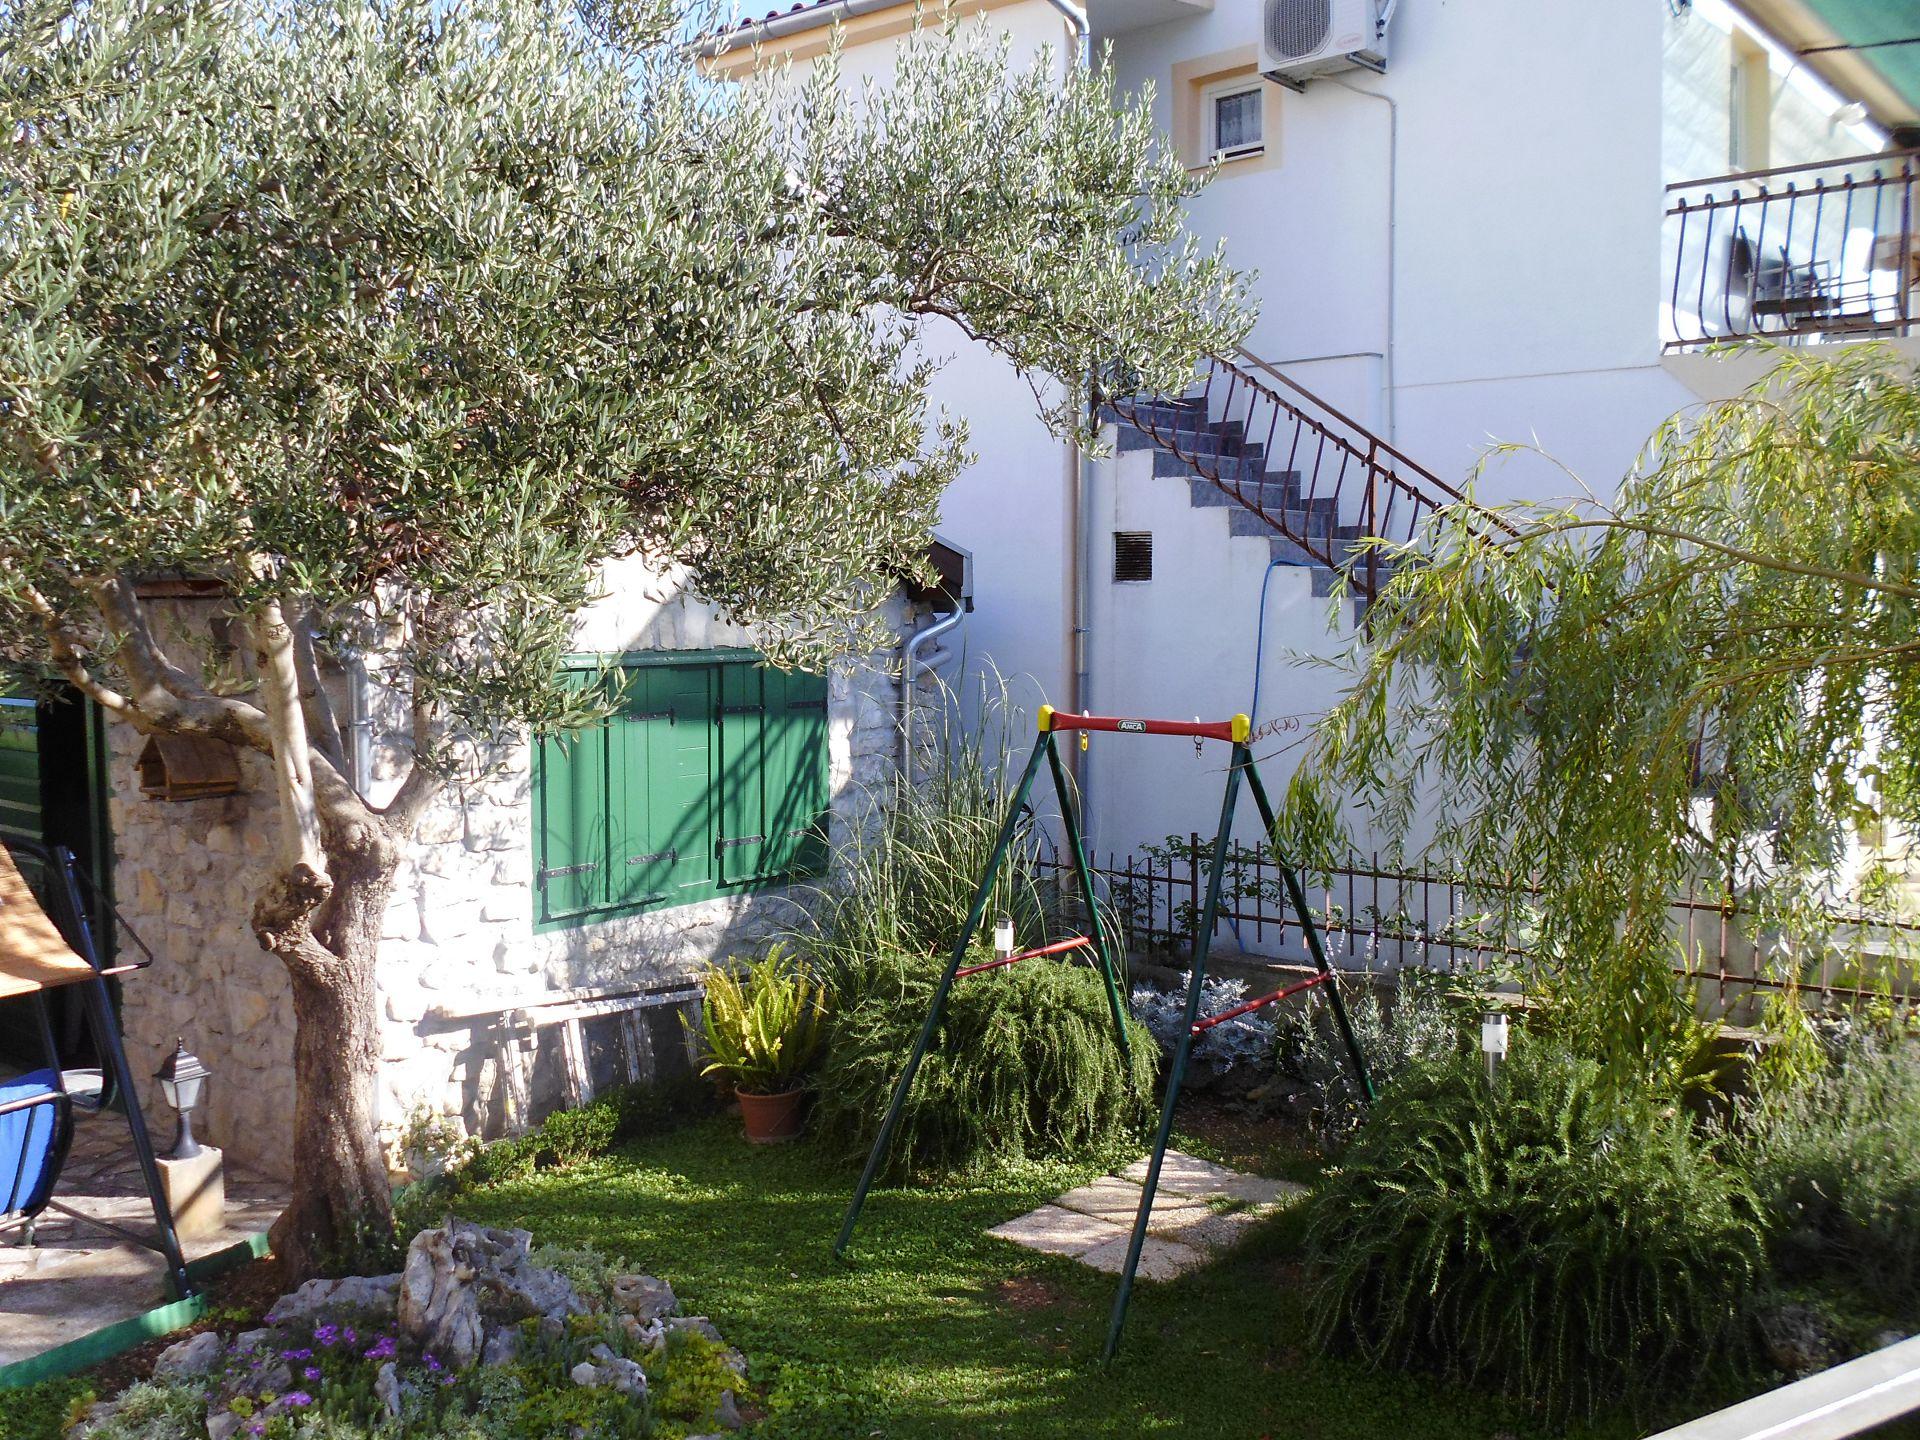 A00106PIRO - Pirovac - Ferienwohnungen Kroatien - Hof (Objekt und Umgebung)